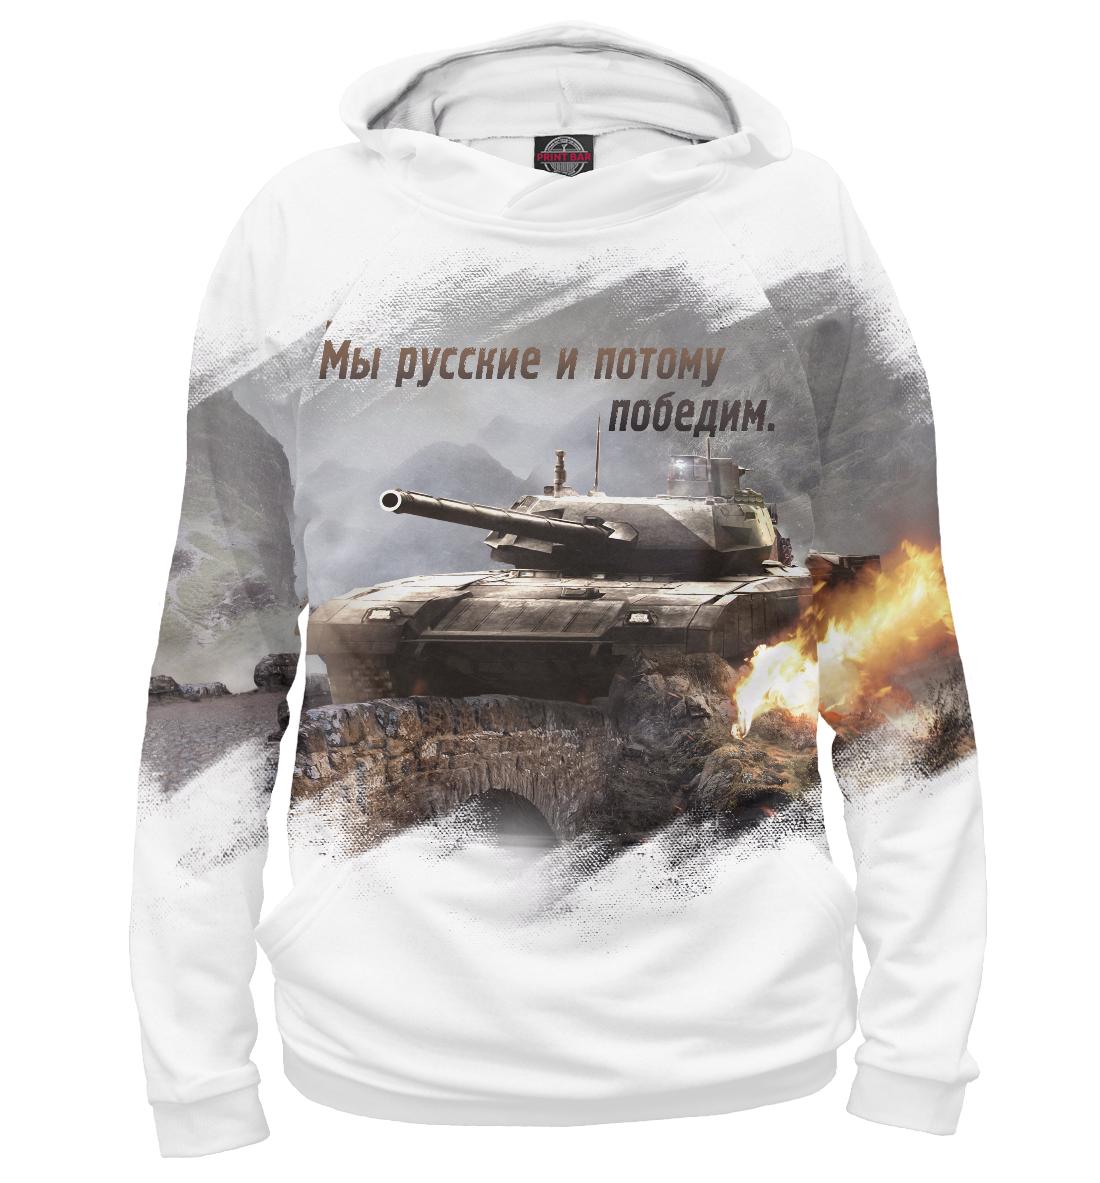 Купить Мы русские, Printbar, Худи, TNK-904683-hud-2